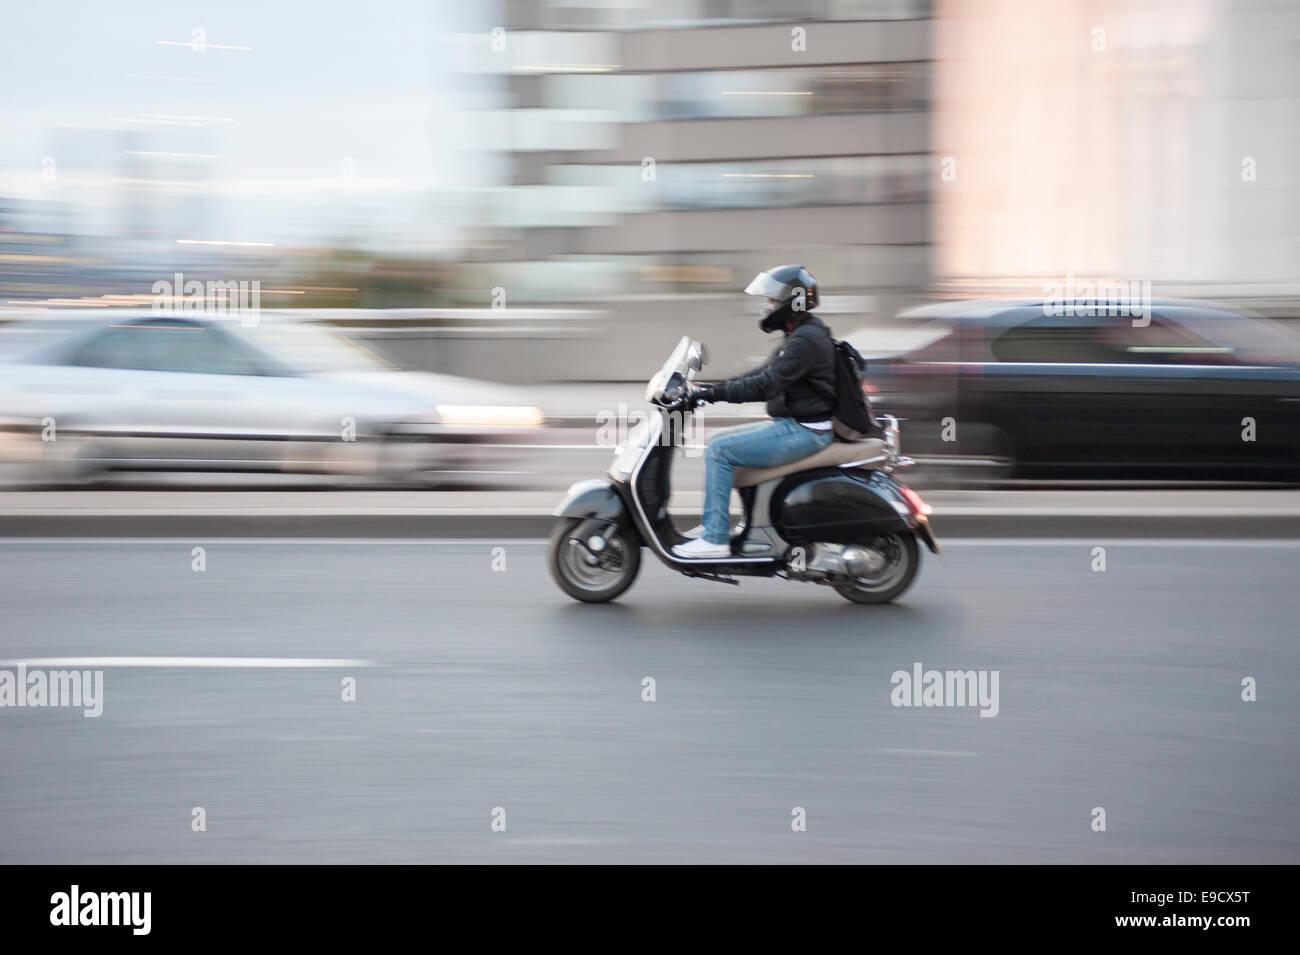 L'homme sur un scooter avec motion blur, London, UK Photo Stock